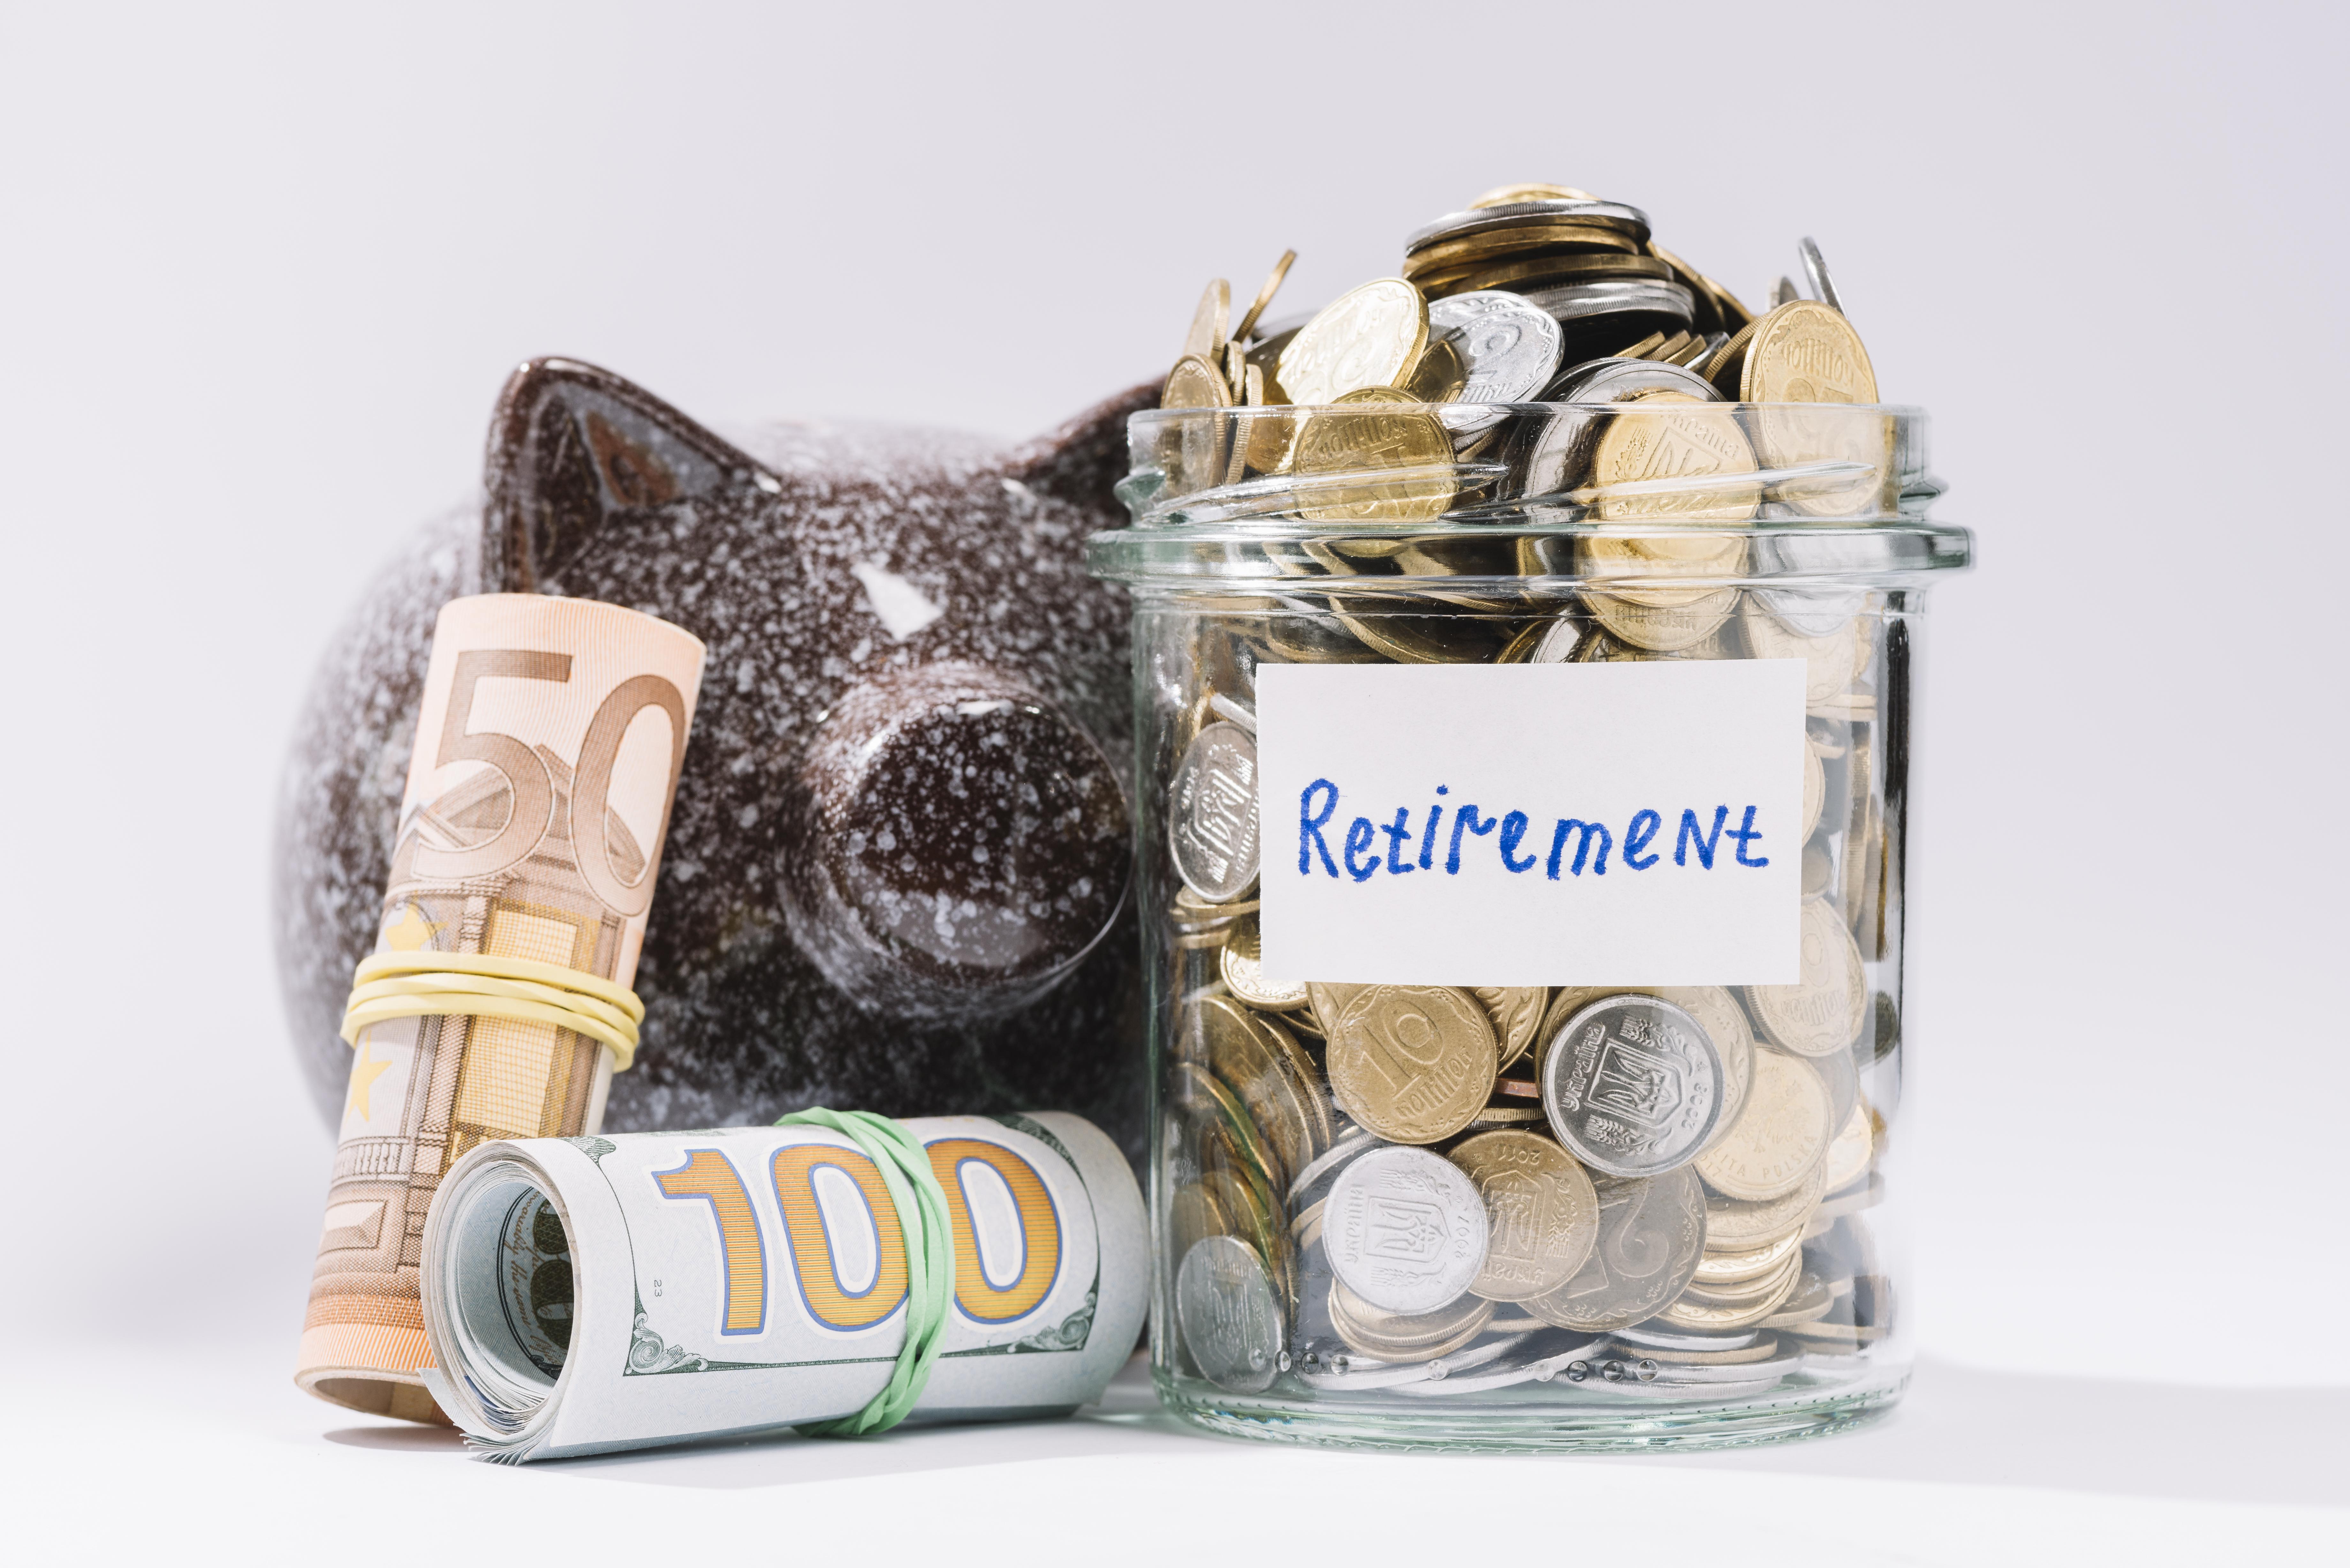 https://pl.freepik.com/darmowe-zdjecie/zwiniete-banknoty-piggybank-i-emerytury-pojemnik-pelen-monet-na-bialym-tle_3097664.htm#page=7&query=emerytura&position=19